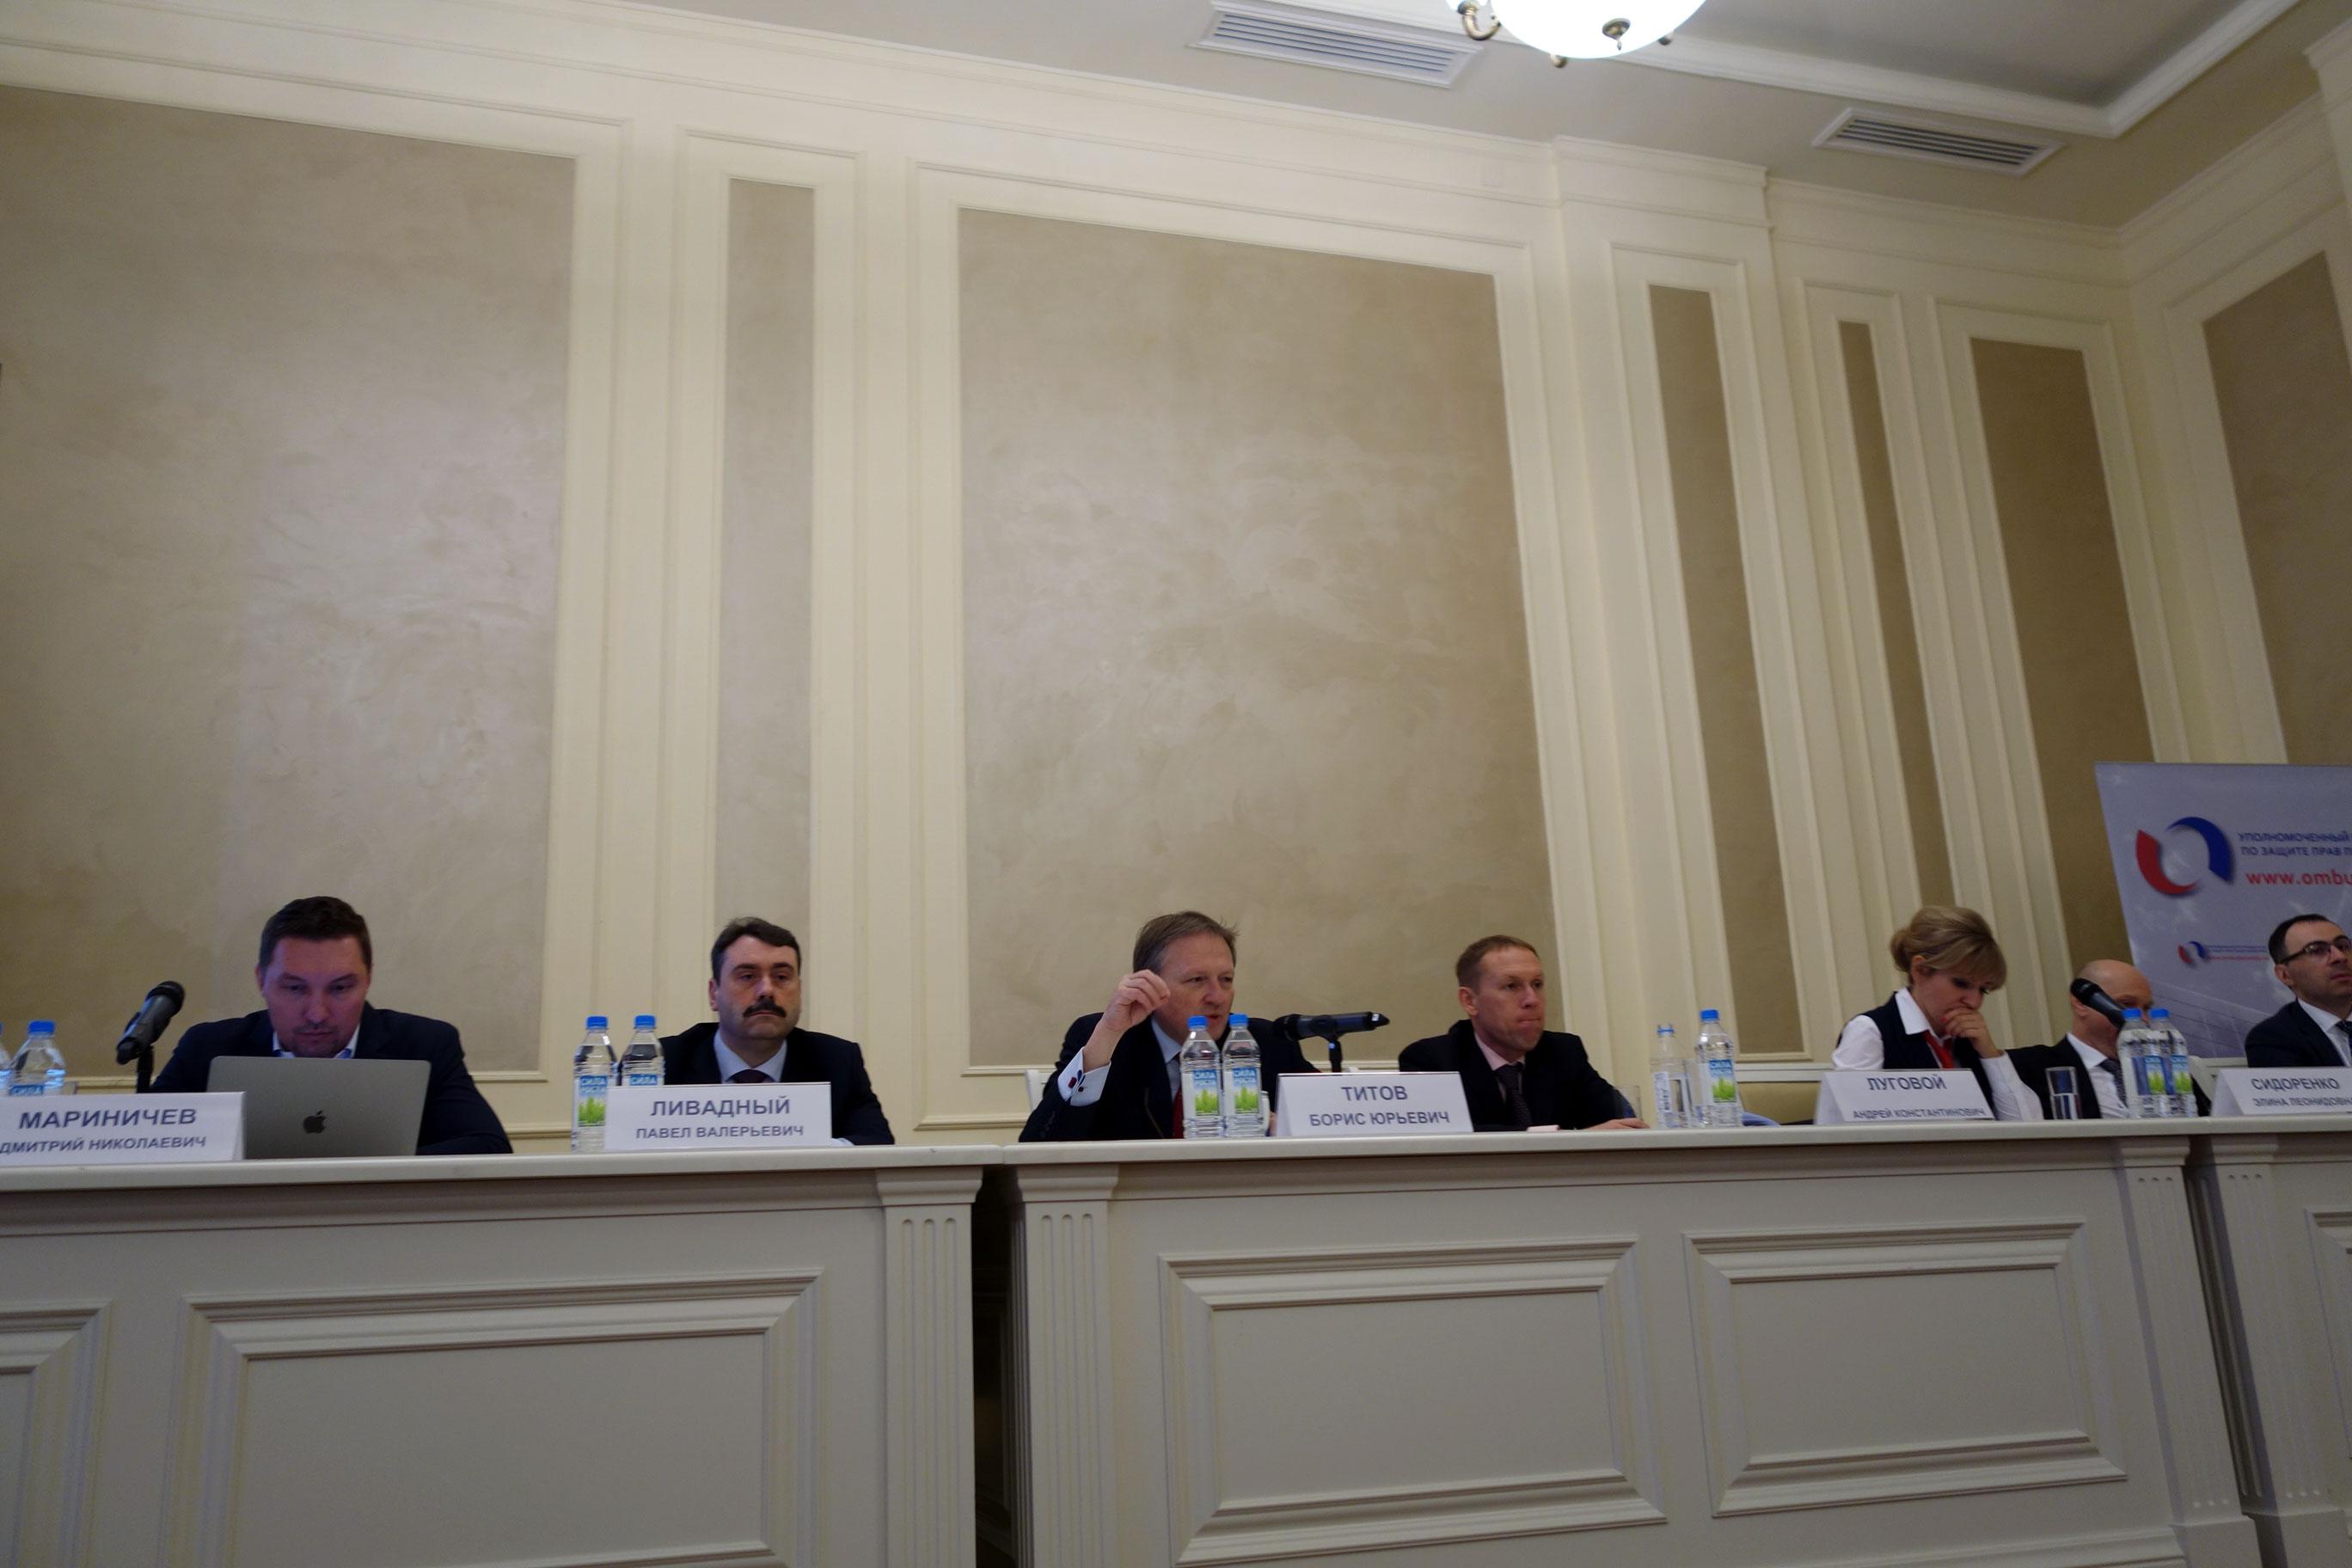 Отчет о форуме blockchain диалог бизнеса и власти часть  Ливадный Павел Валерьевич Ливадный Павел Валерьевич